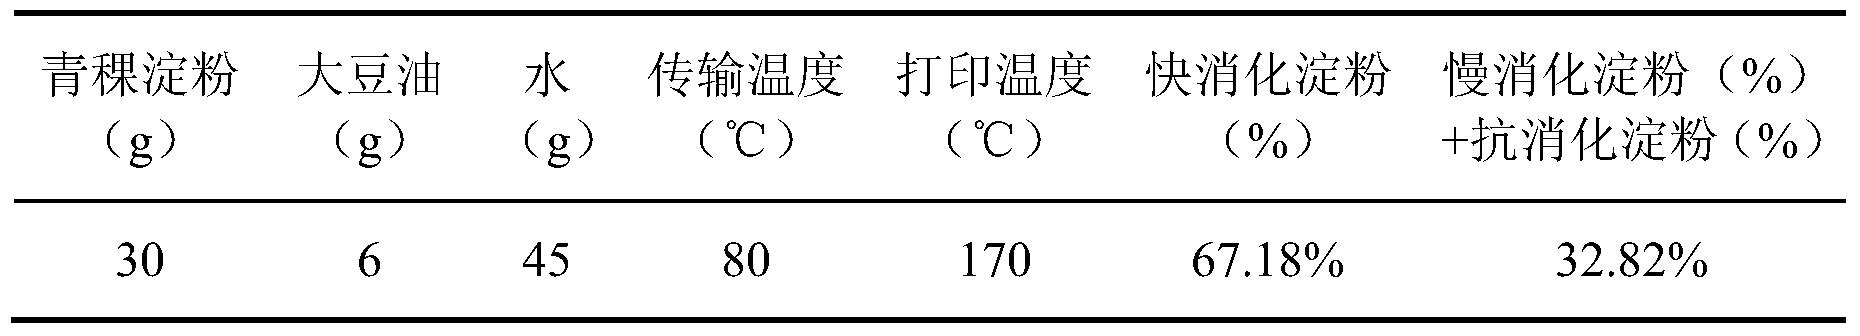 Figure PCTCN2017112099-appb-000003